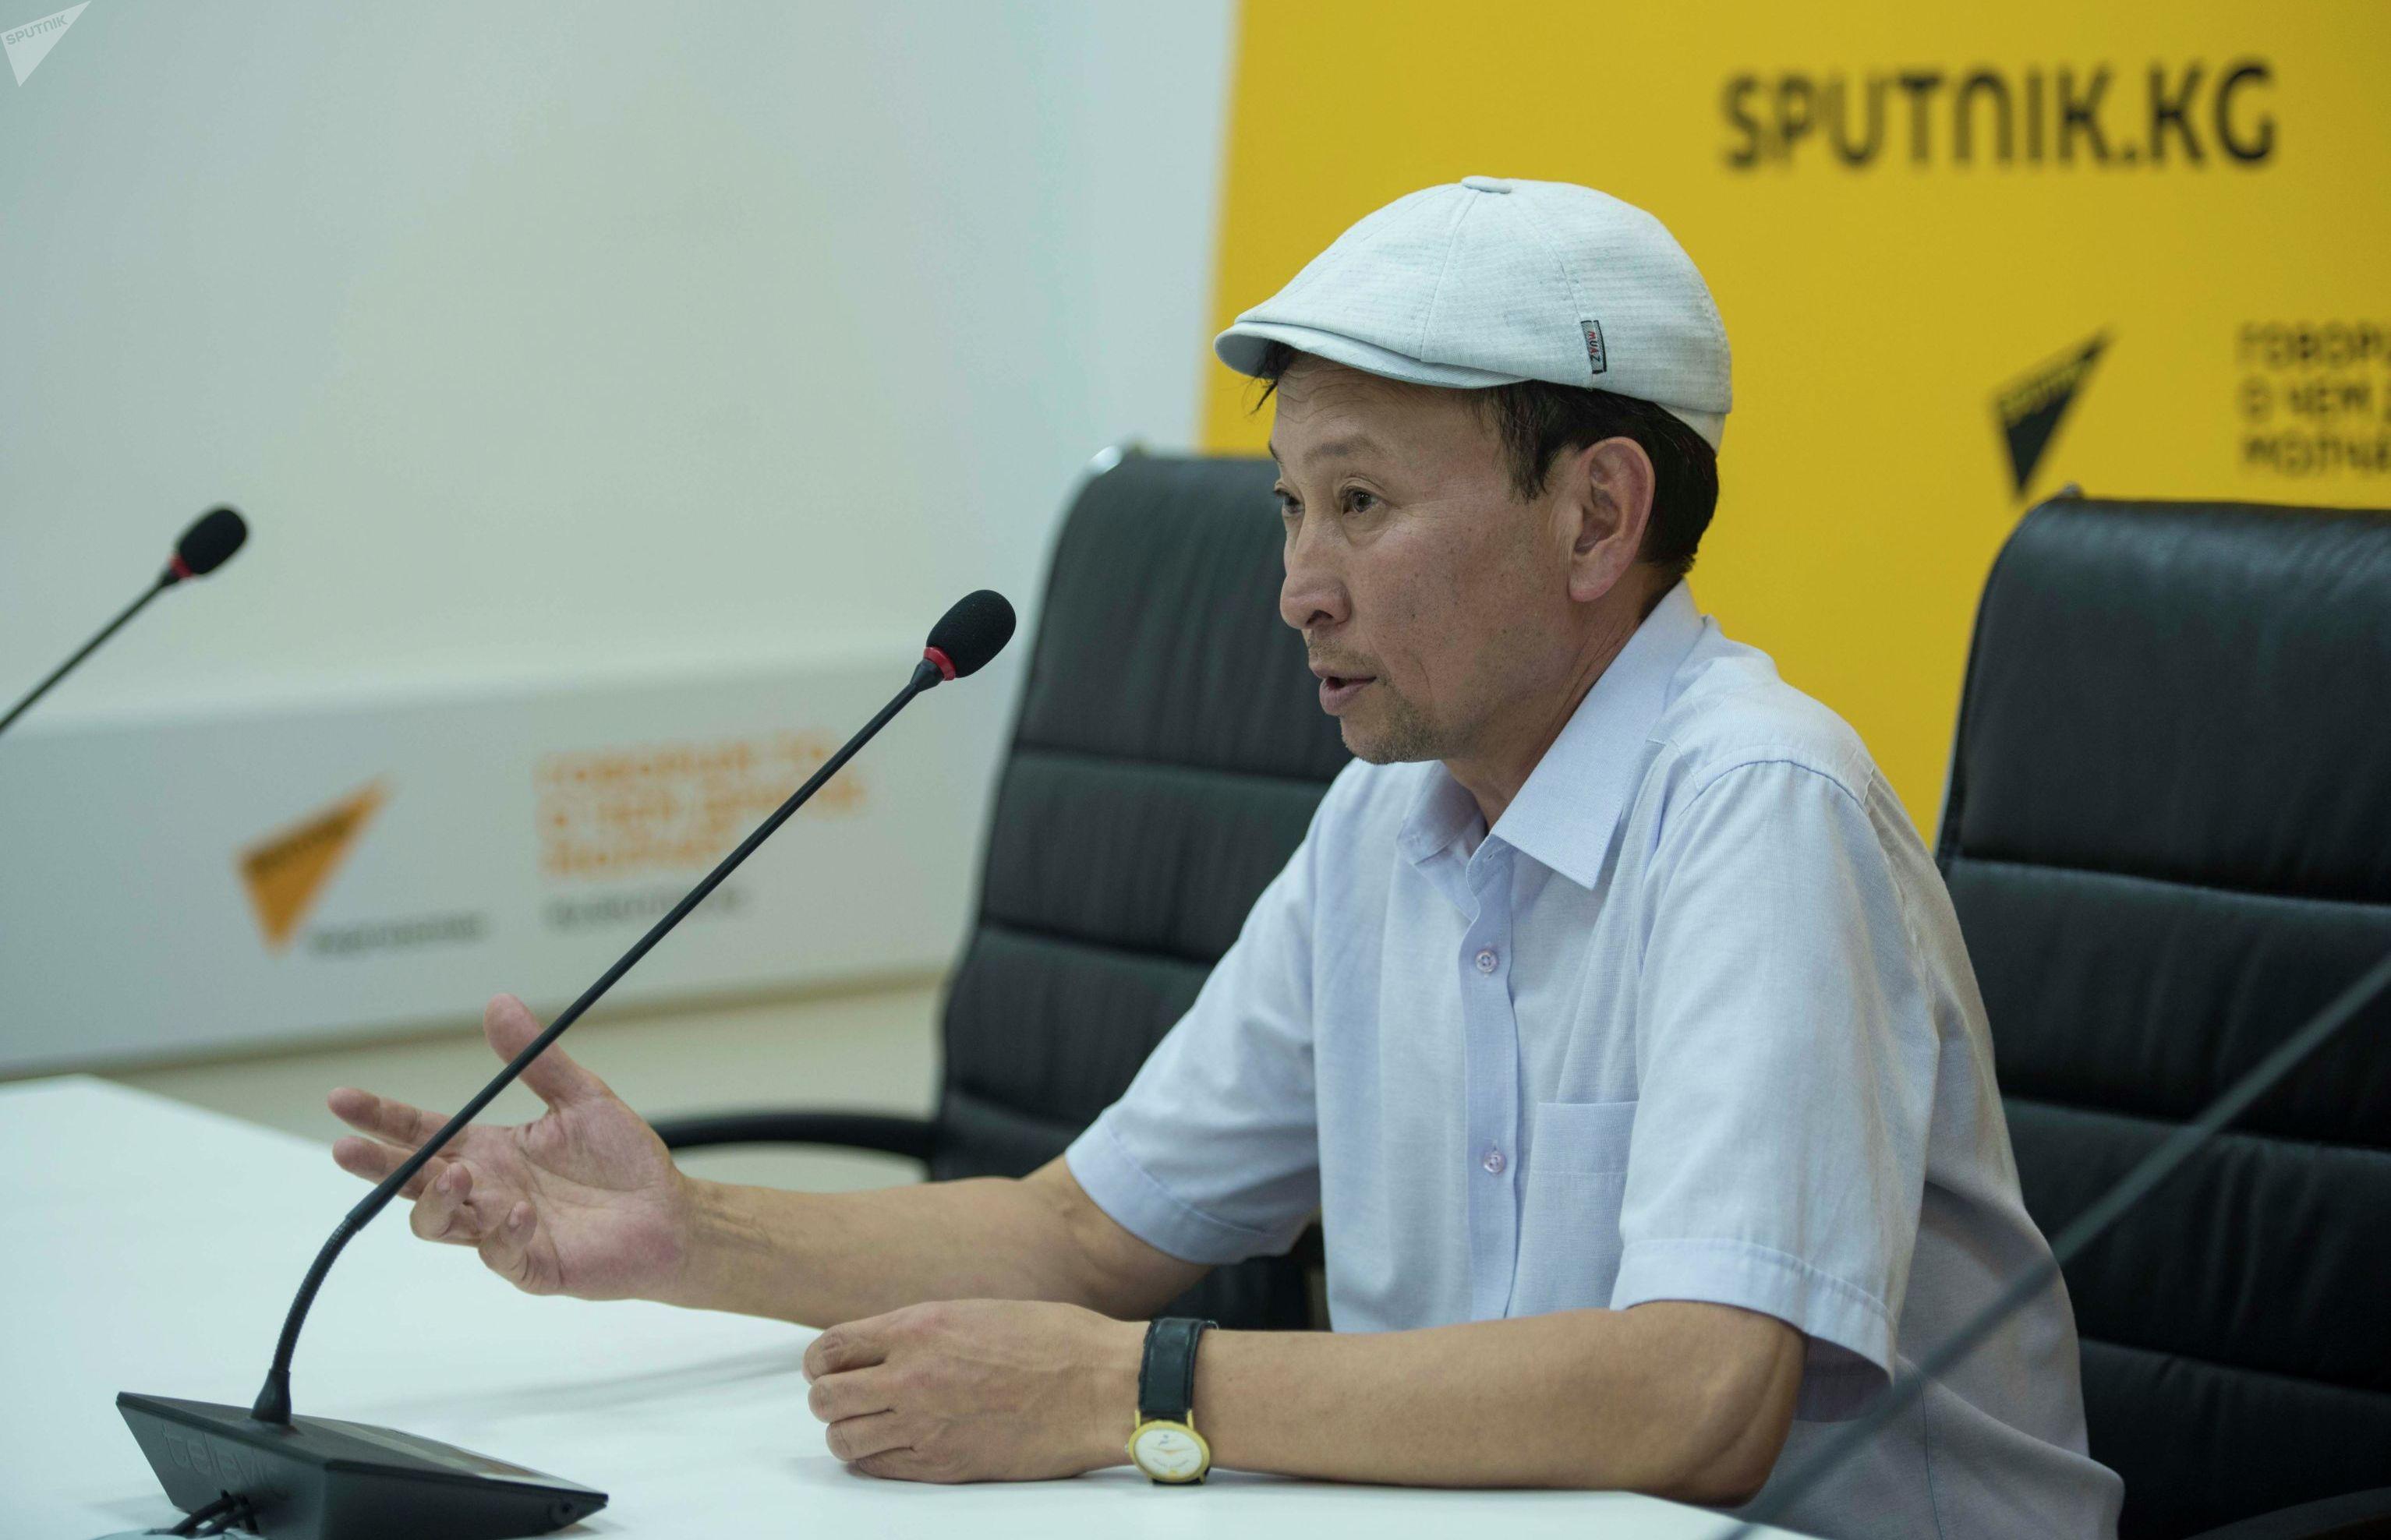 Фотожурналист Эрлан Сатыбеков во время мастер-класса в рамках образовательного проекта SputnikBilim в мультимедийном пресс-центре Sputnik Кыргызстан